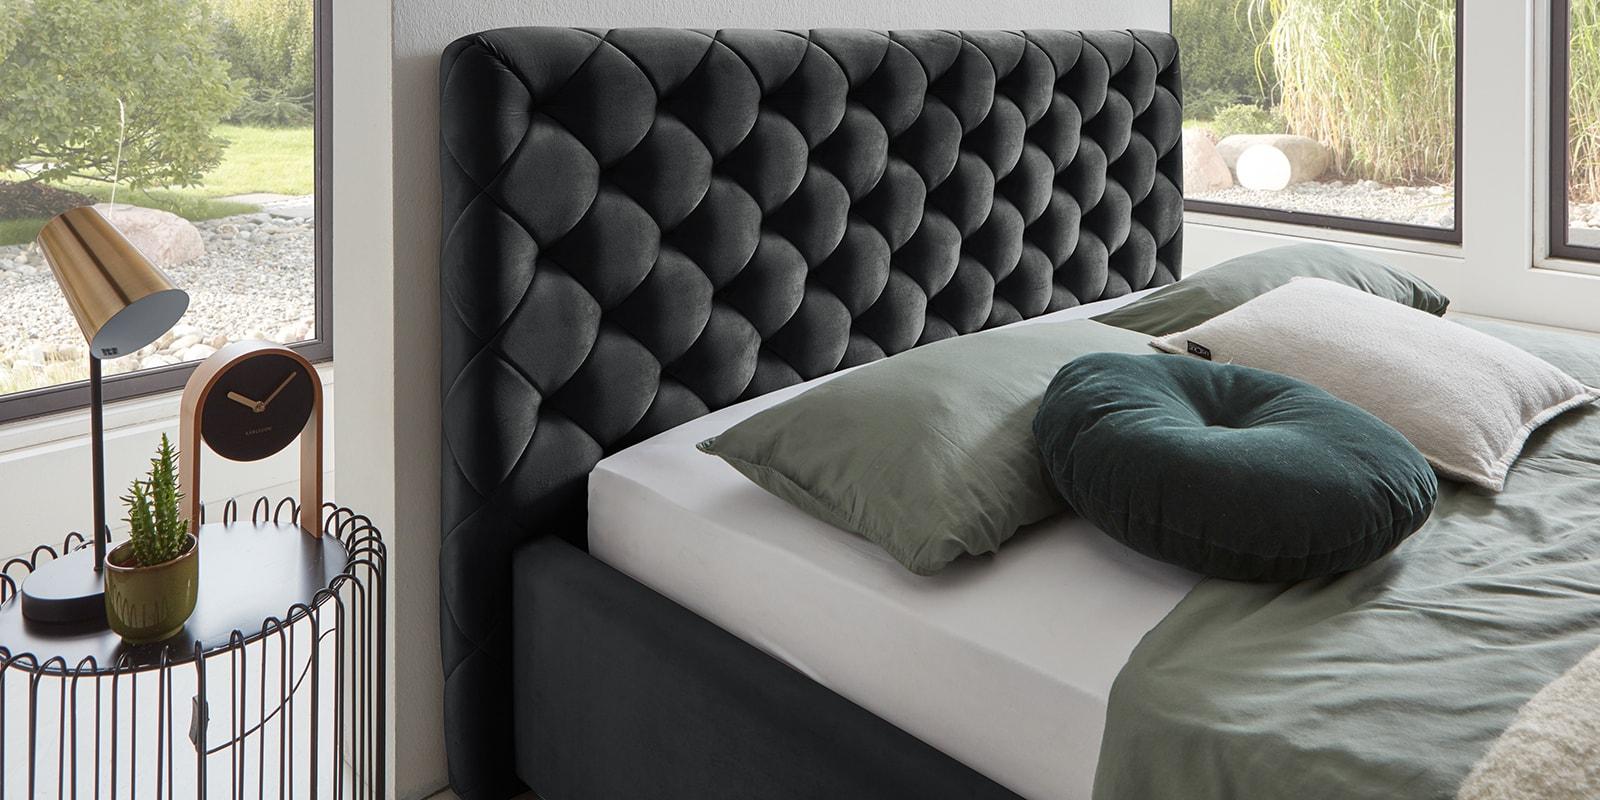 Moebella24 - Bett - mit - Bettkasten - Elsa - Samt - Anthrazit - Stauraum - Versteppungen - am - Kopfteil